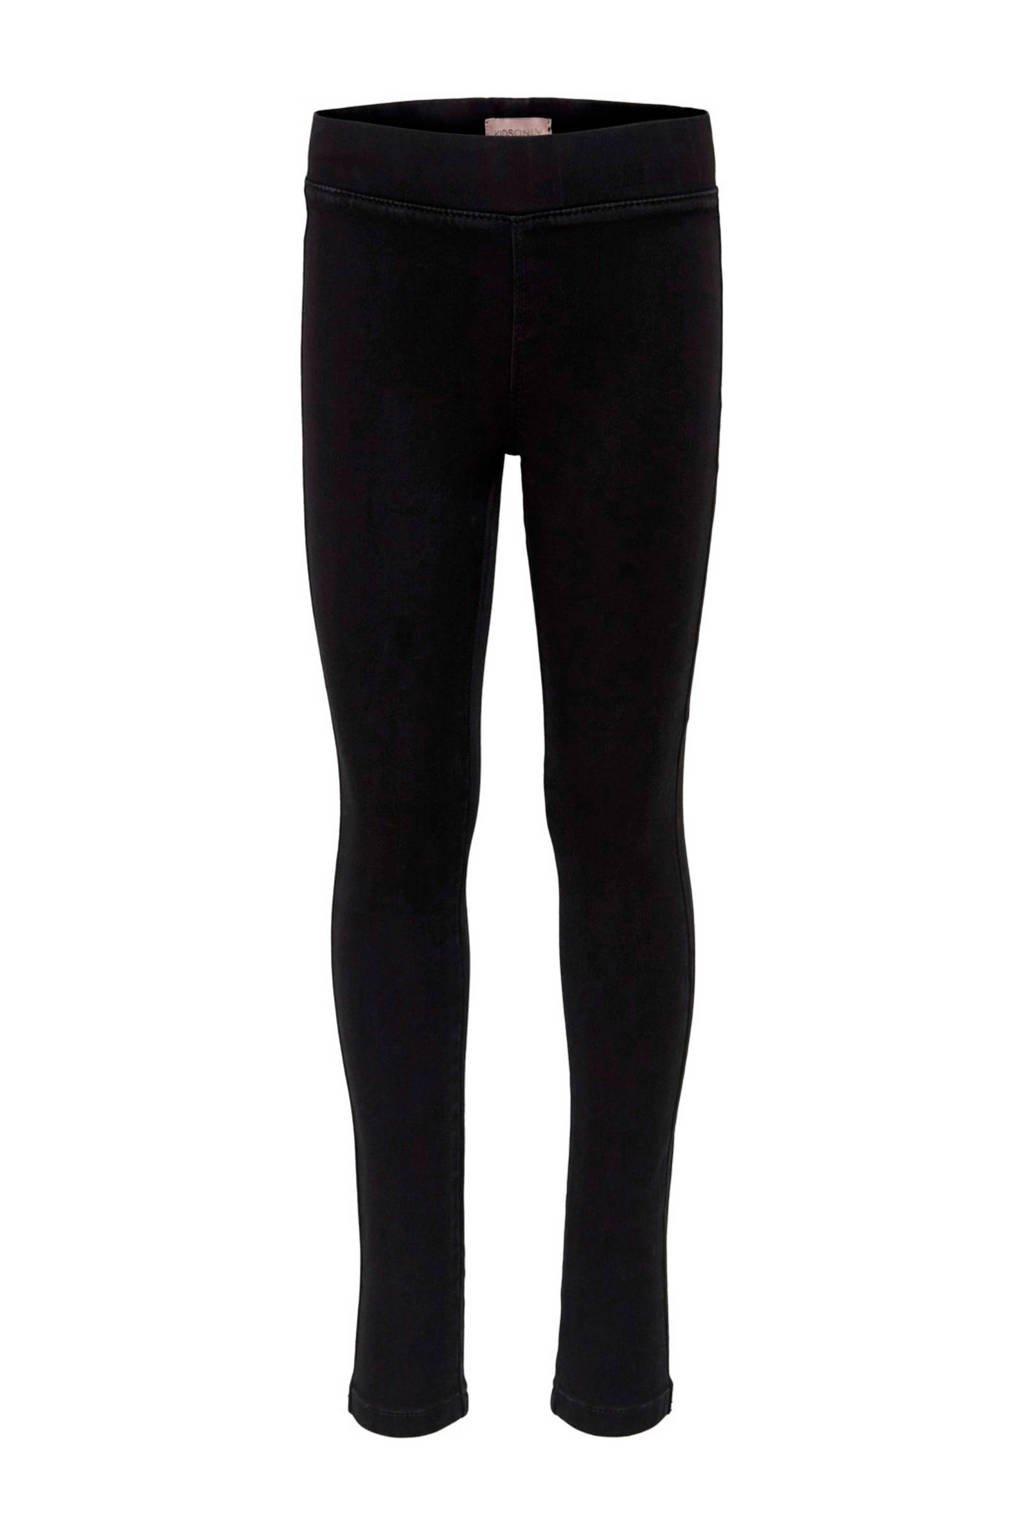 KIDS ONLY skinny jeans black denim, Black denim